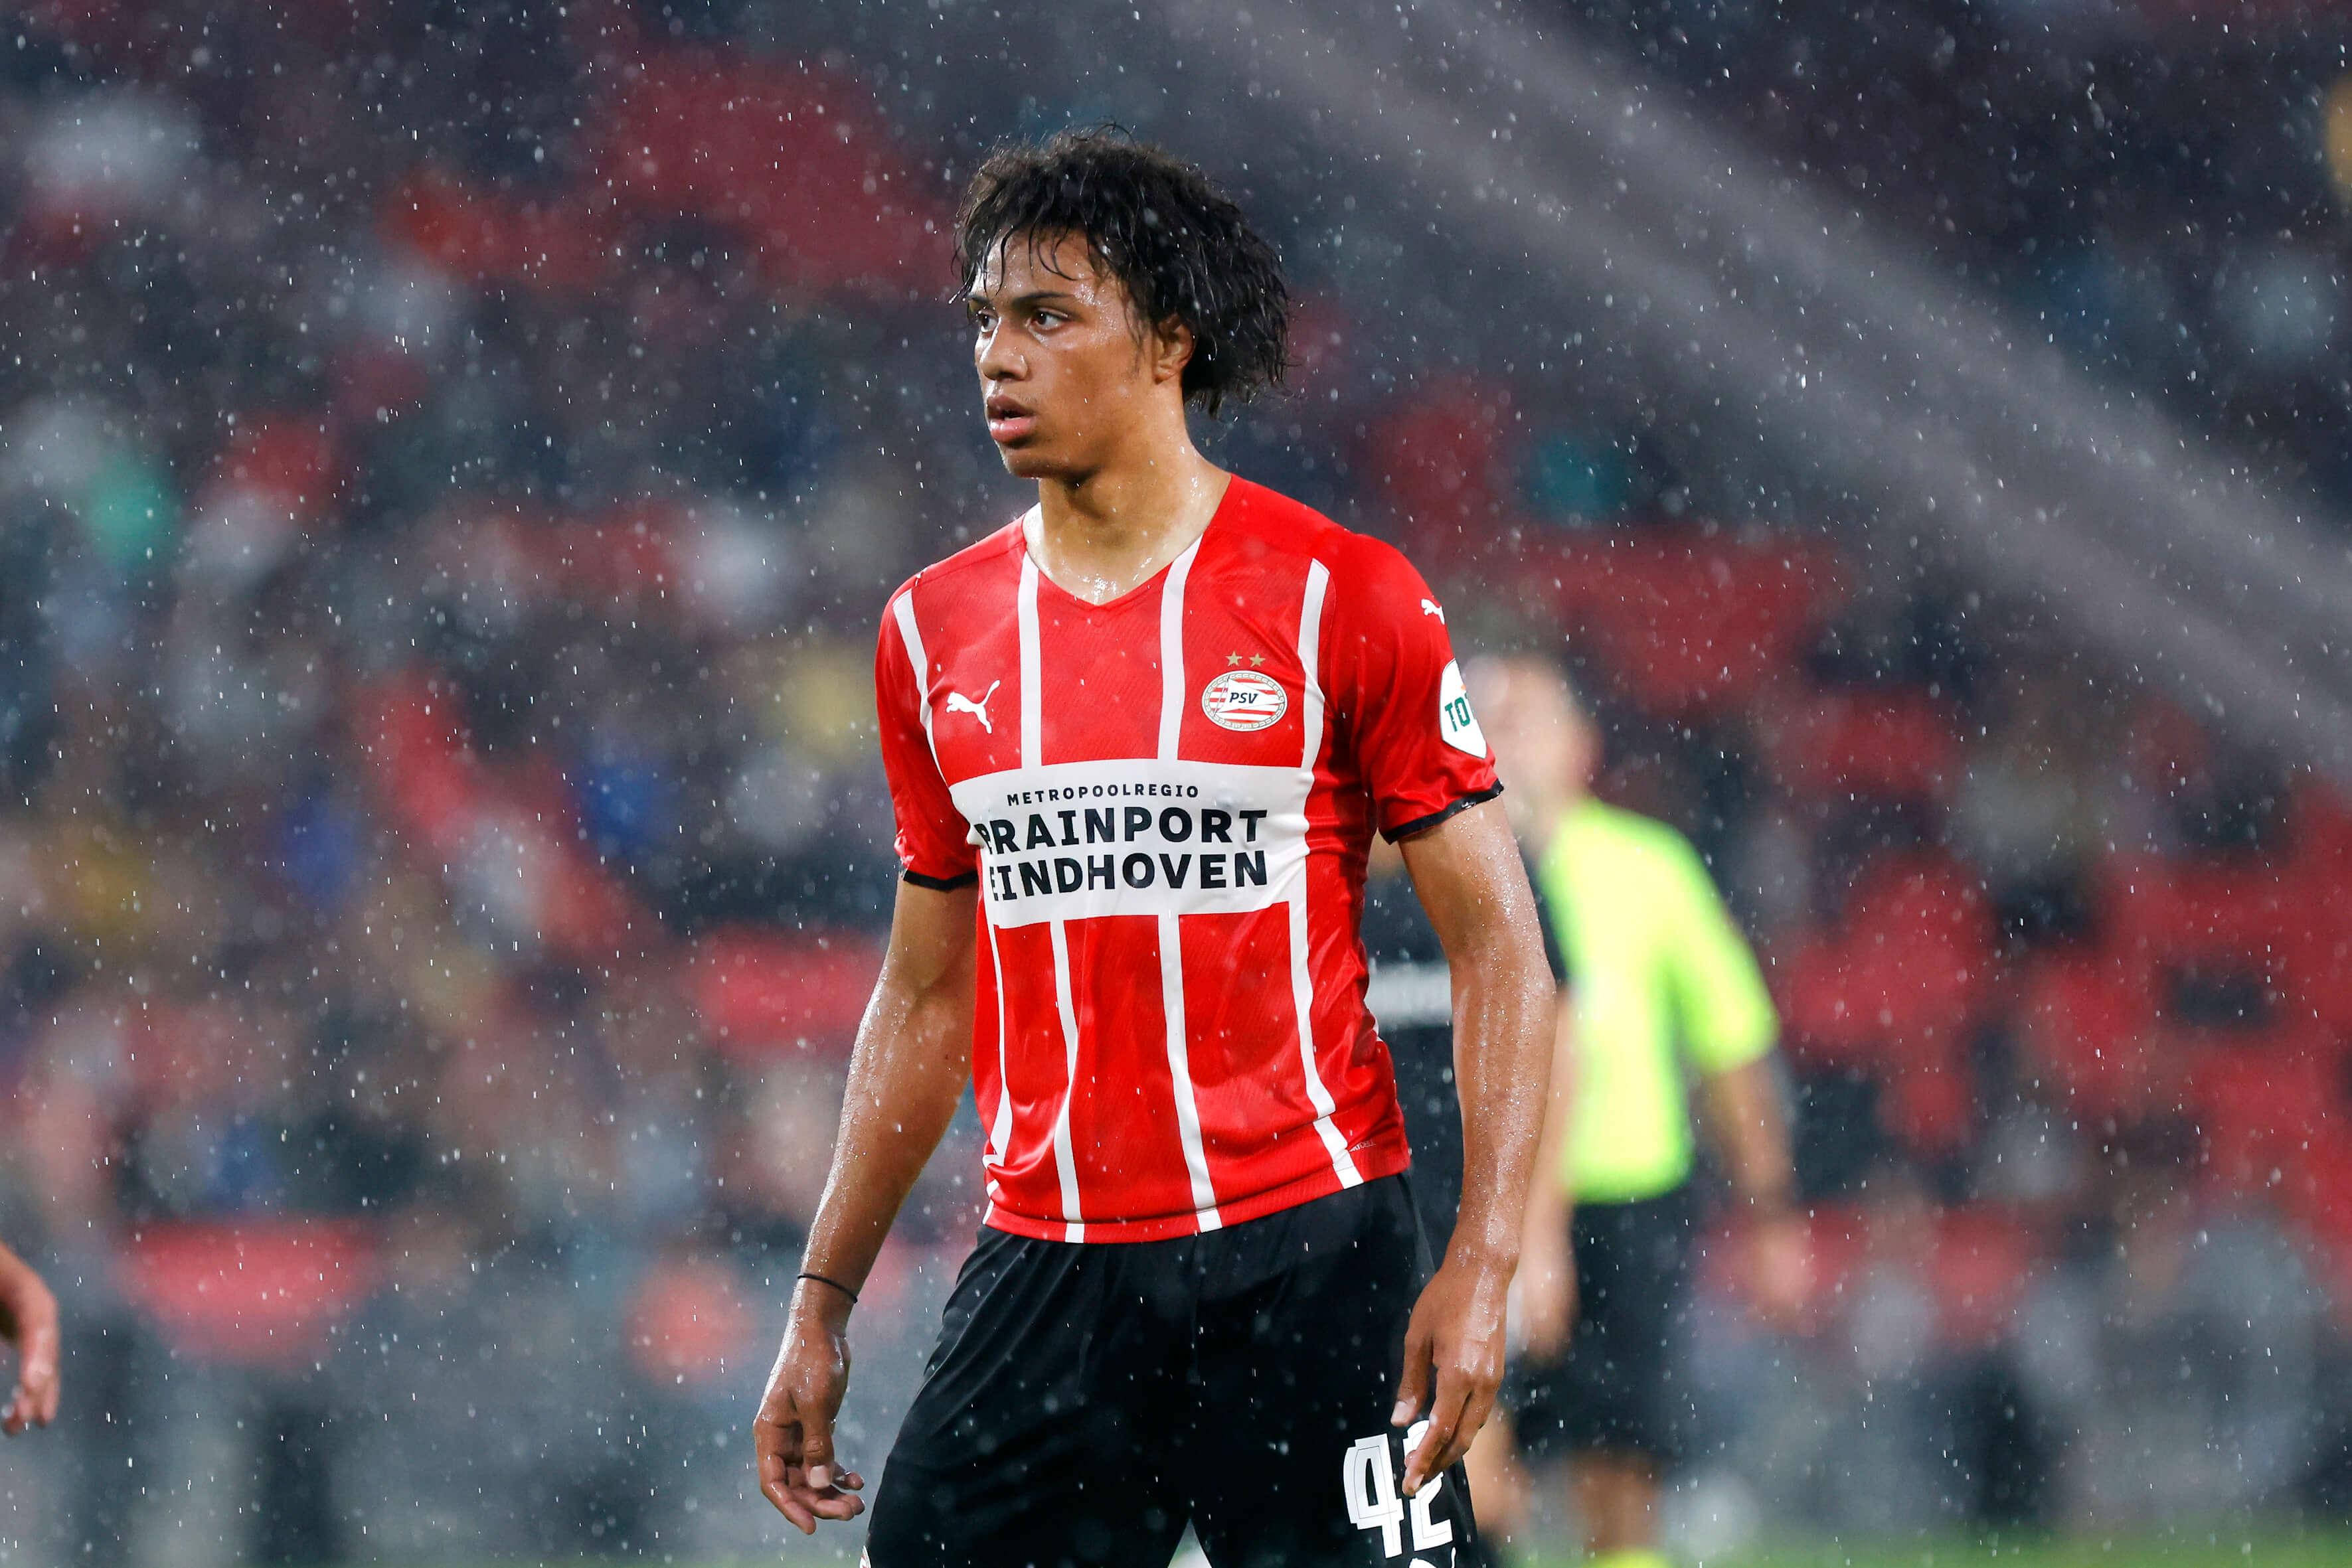 """""""Gesprekken met Fodé Fofana over nieuw contract verlopen zeer moeizaam""""; image source: Pro Shots"""